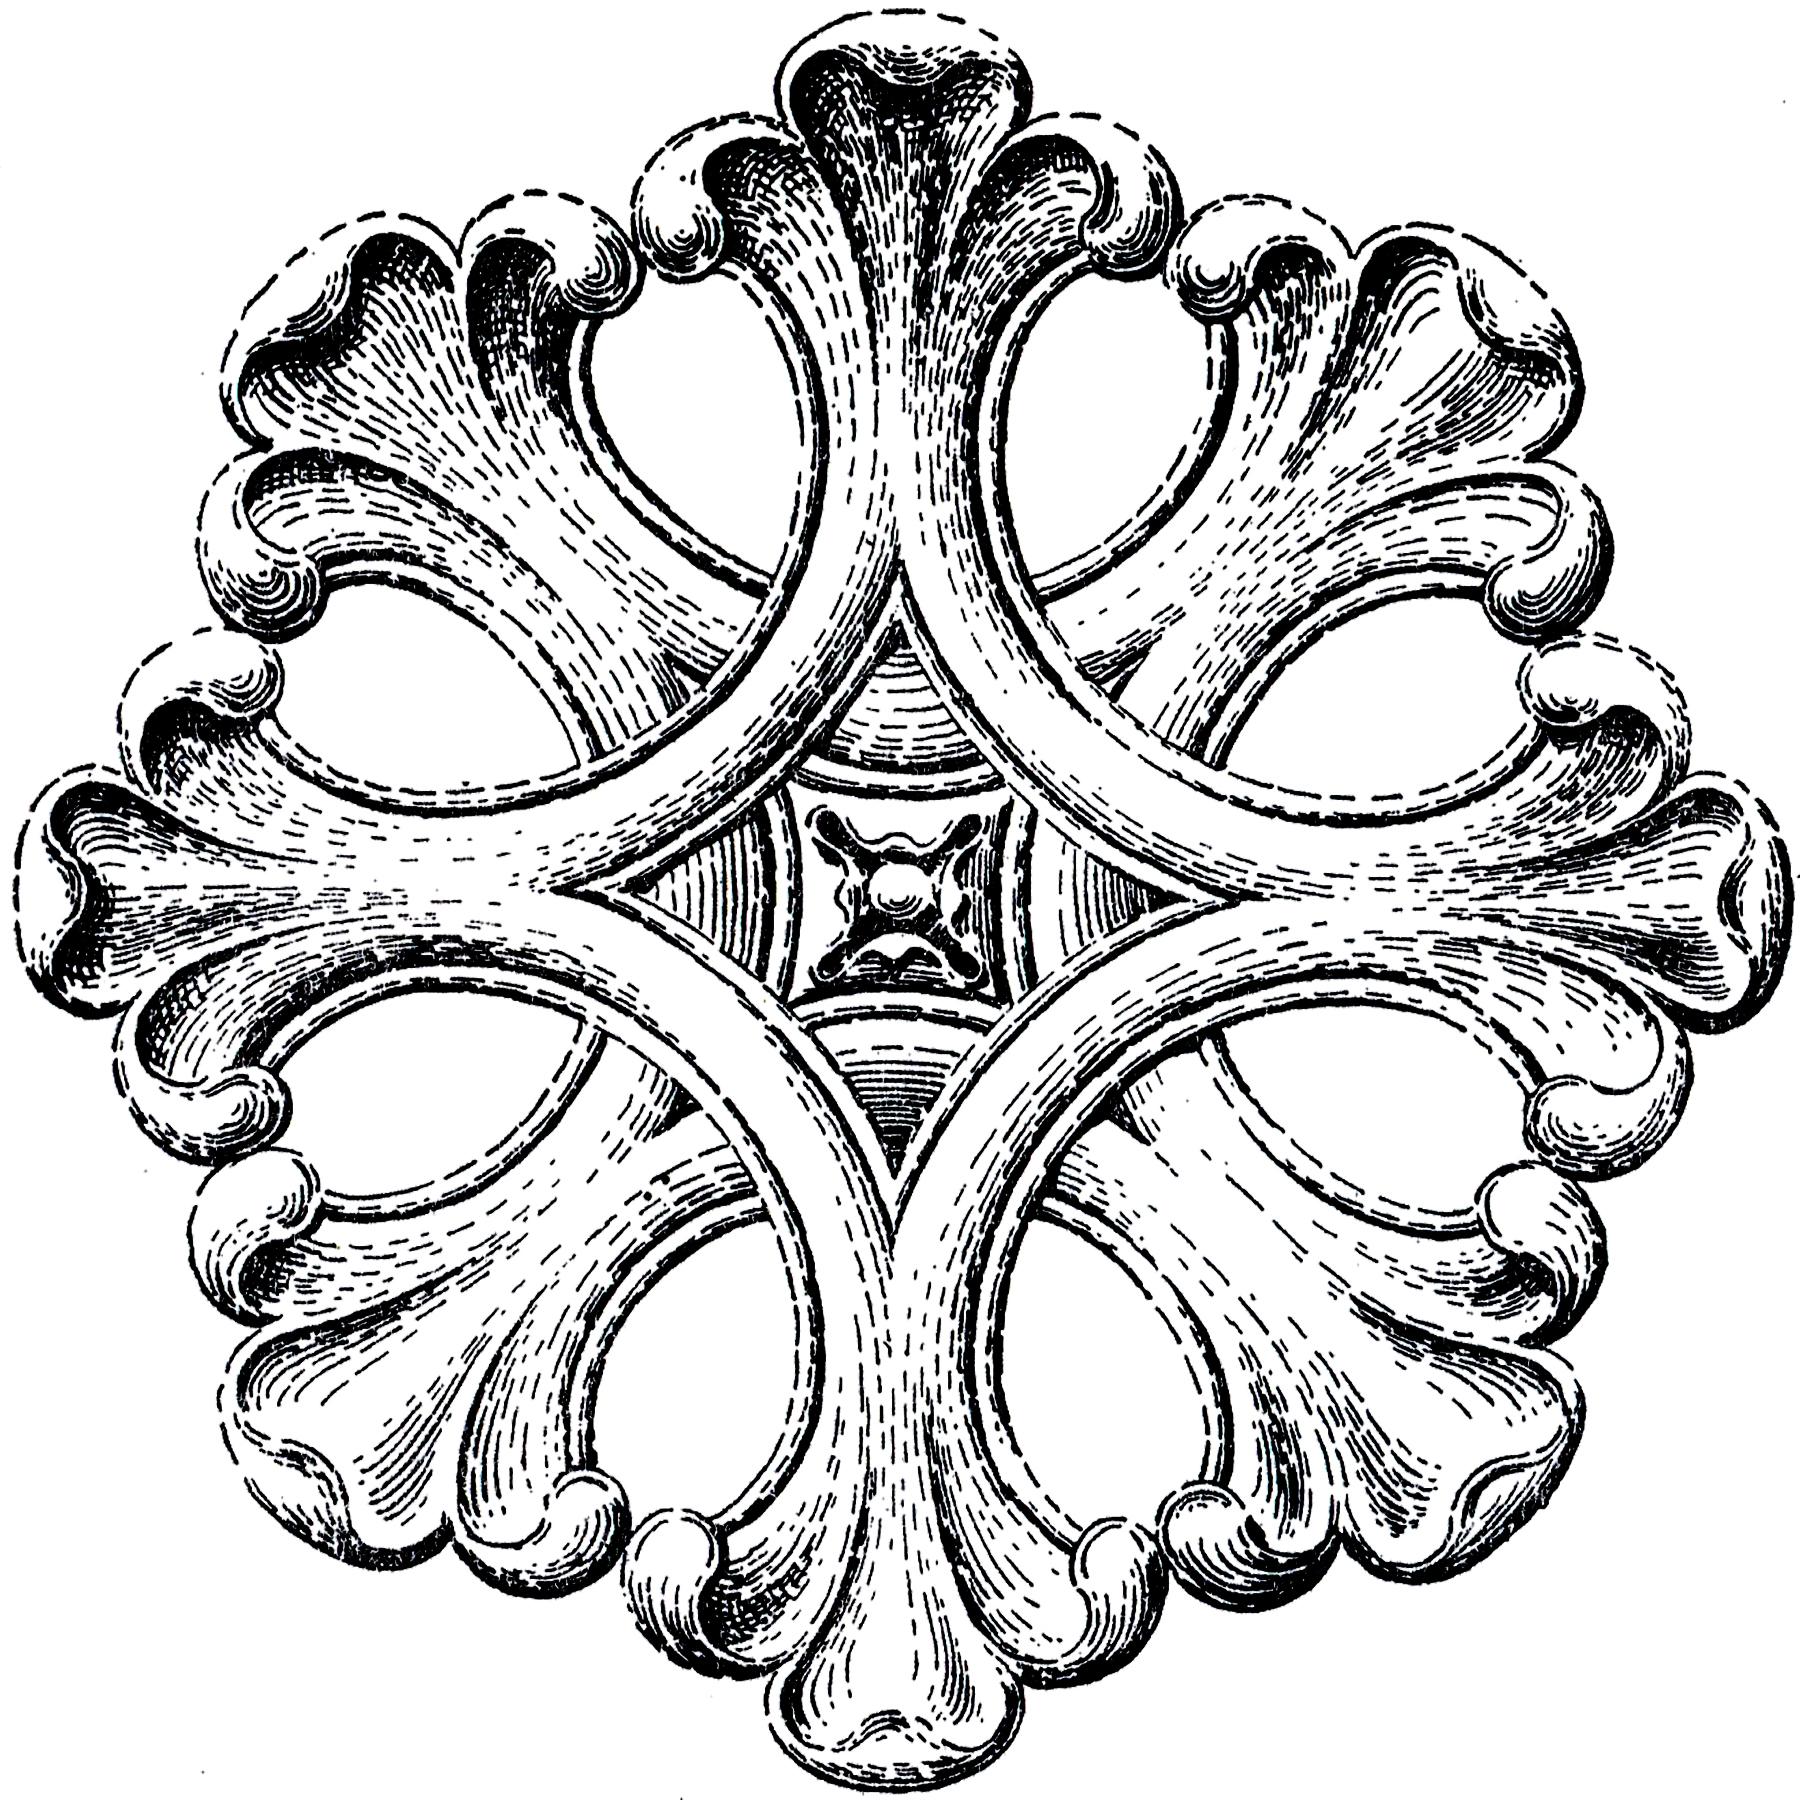 Architectural Rosette Ornament Image